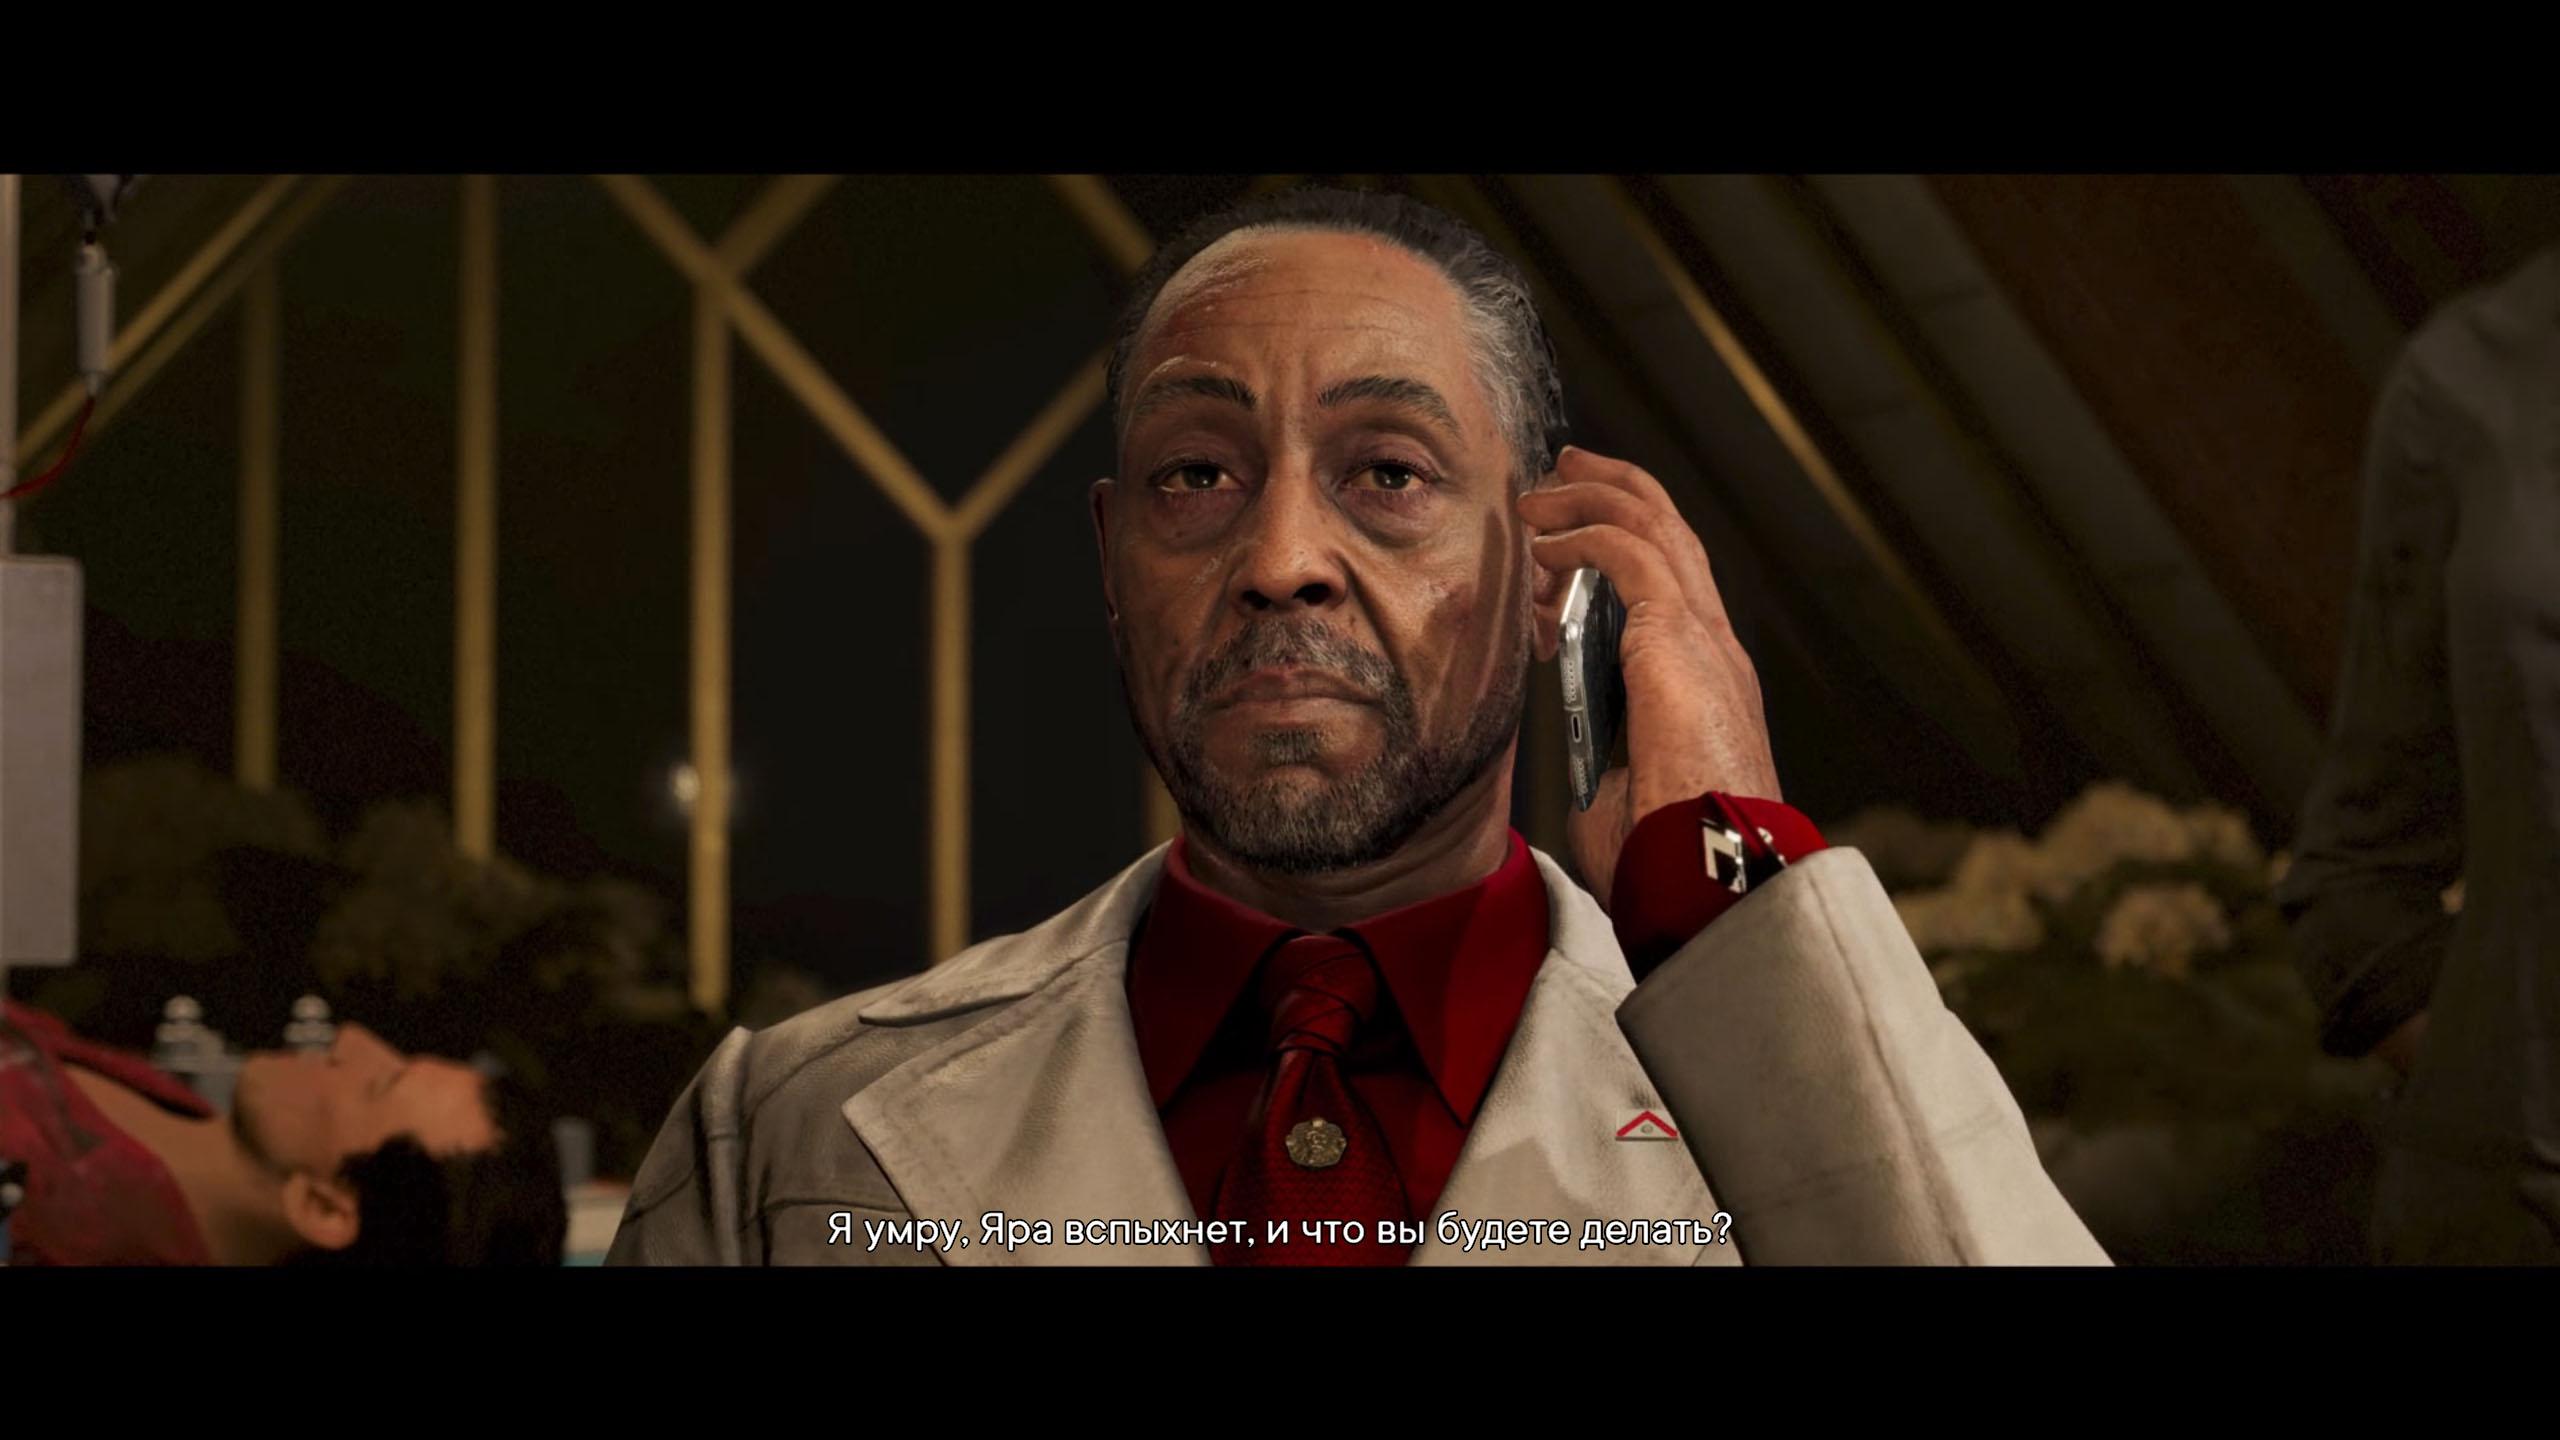 Far Cry 6 Screenshot 2021.10.08 — 11.40.13.11